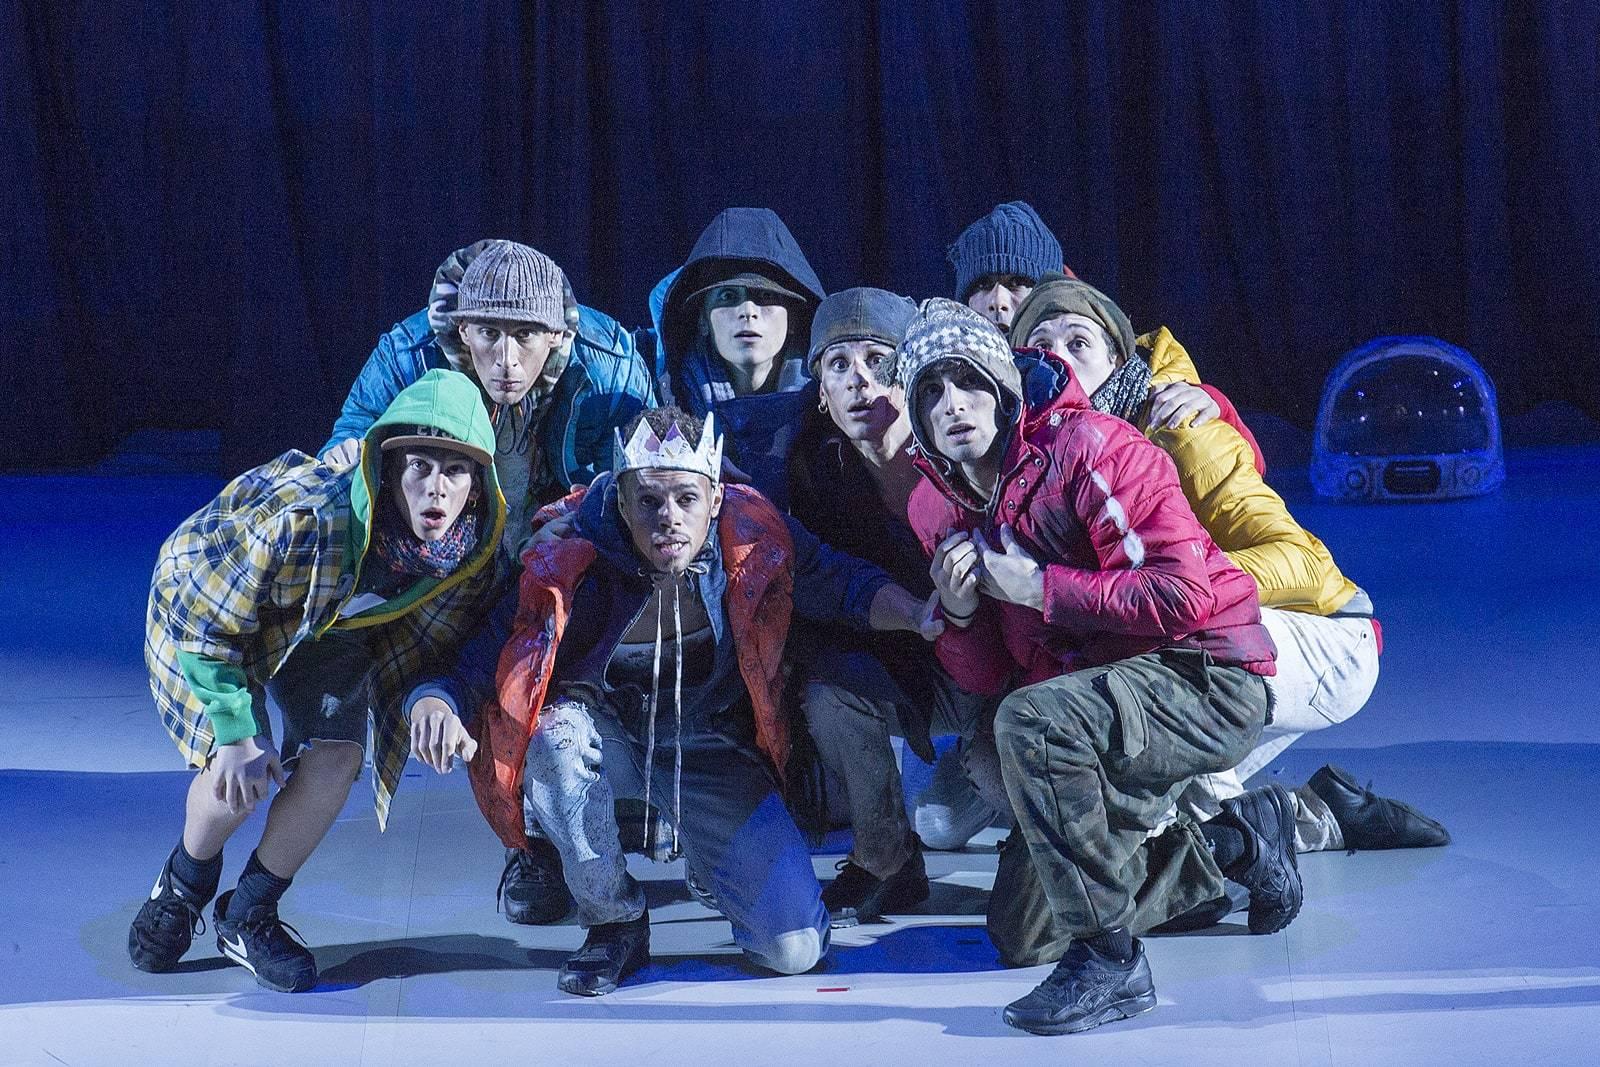 ballets et opéras: casse-noisette 1